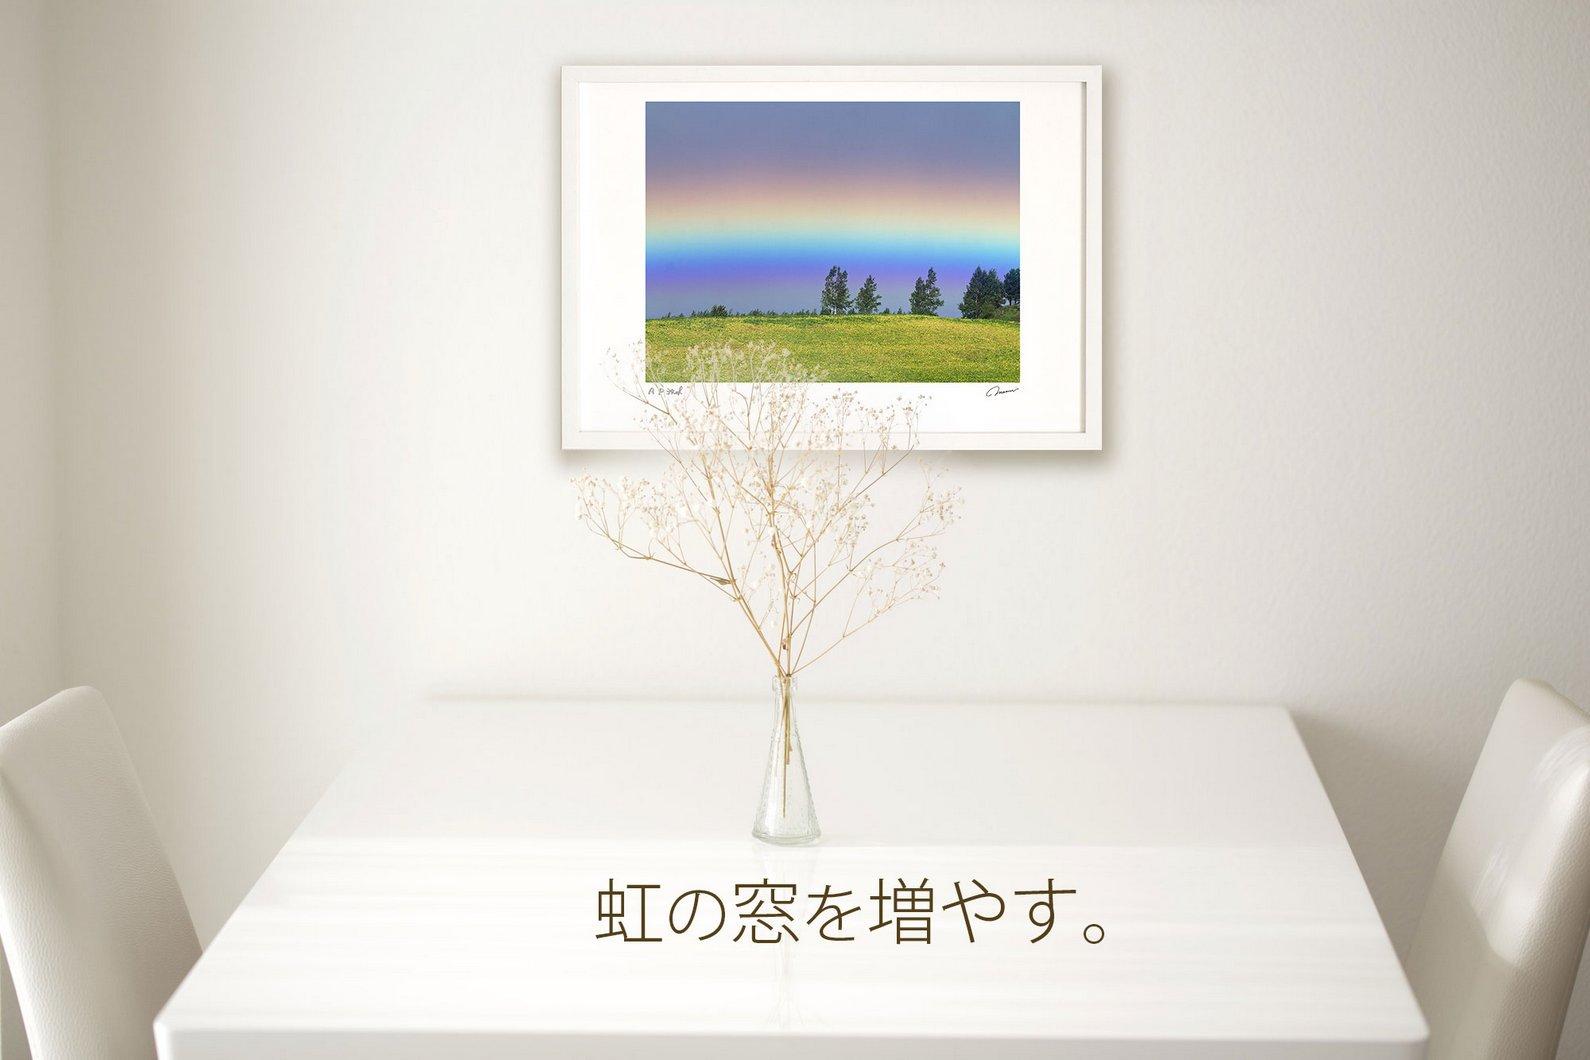 《アートフォト》残照のクリスマスツリーの木1/美瑛町〔富良野・高橋真澄〕(レンタル対象)